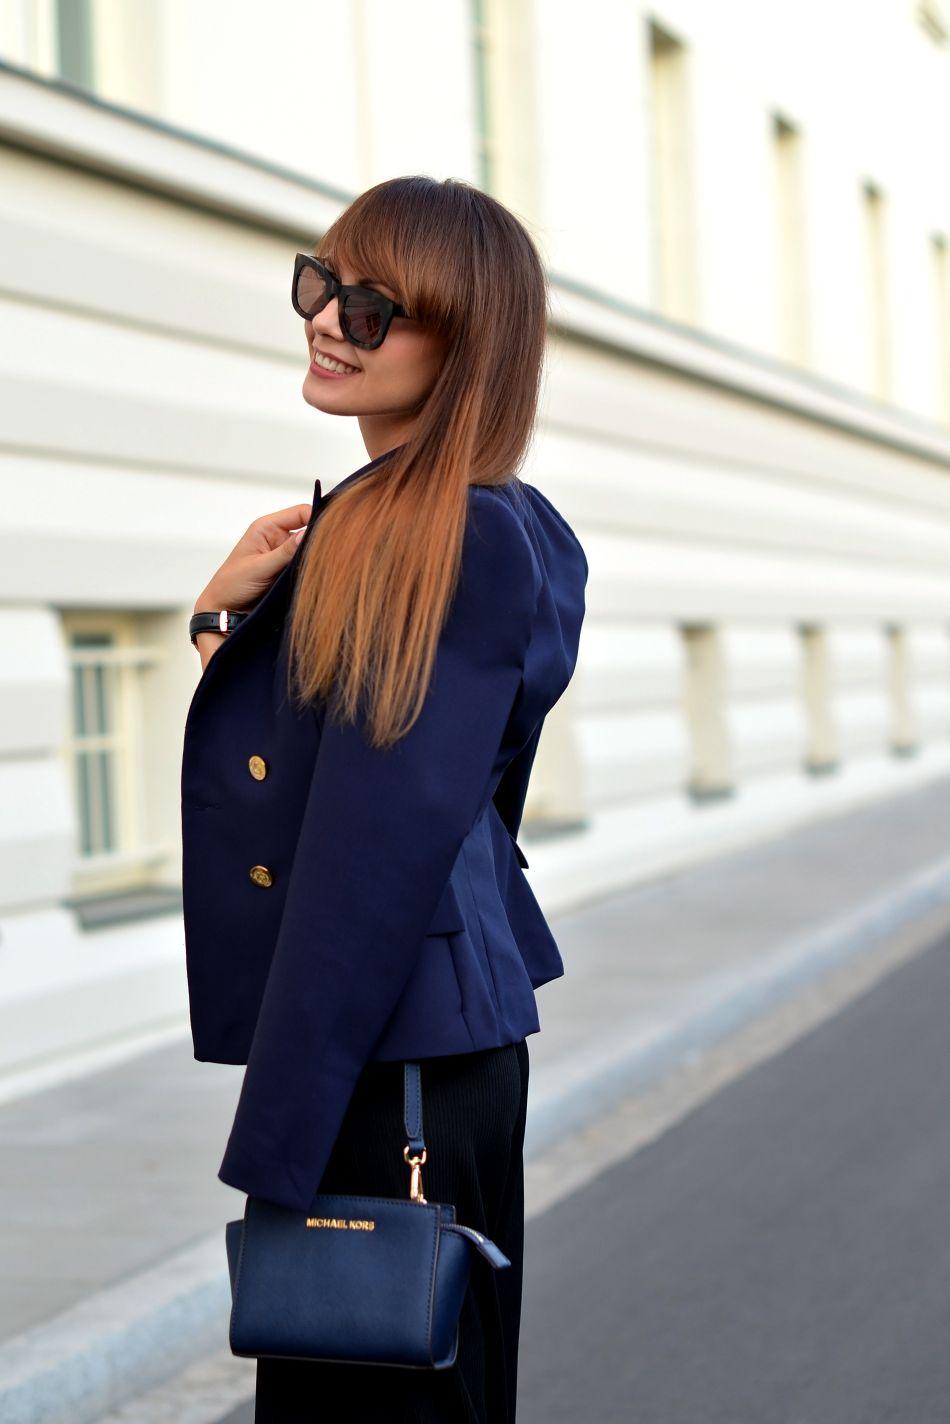 blog o modzie | kamila mraz | kamila leciak |sposoby na udany dzien | jak zaczac dobrze dzien | poranny jogging | ombre wlosy blog